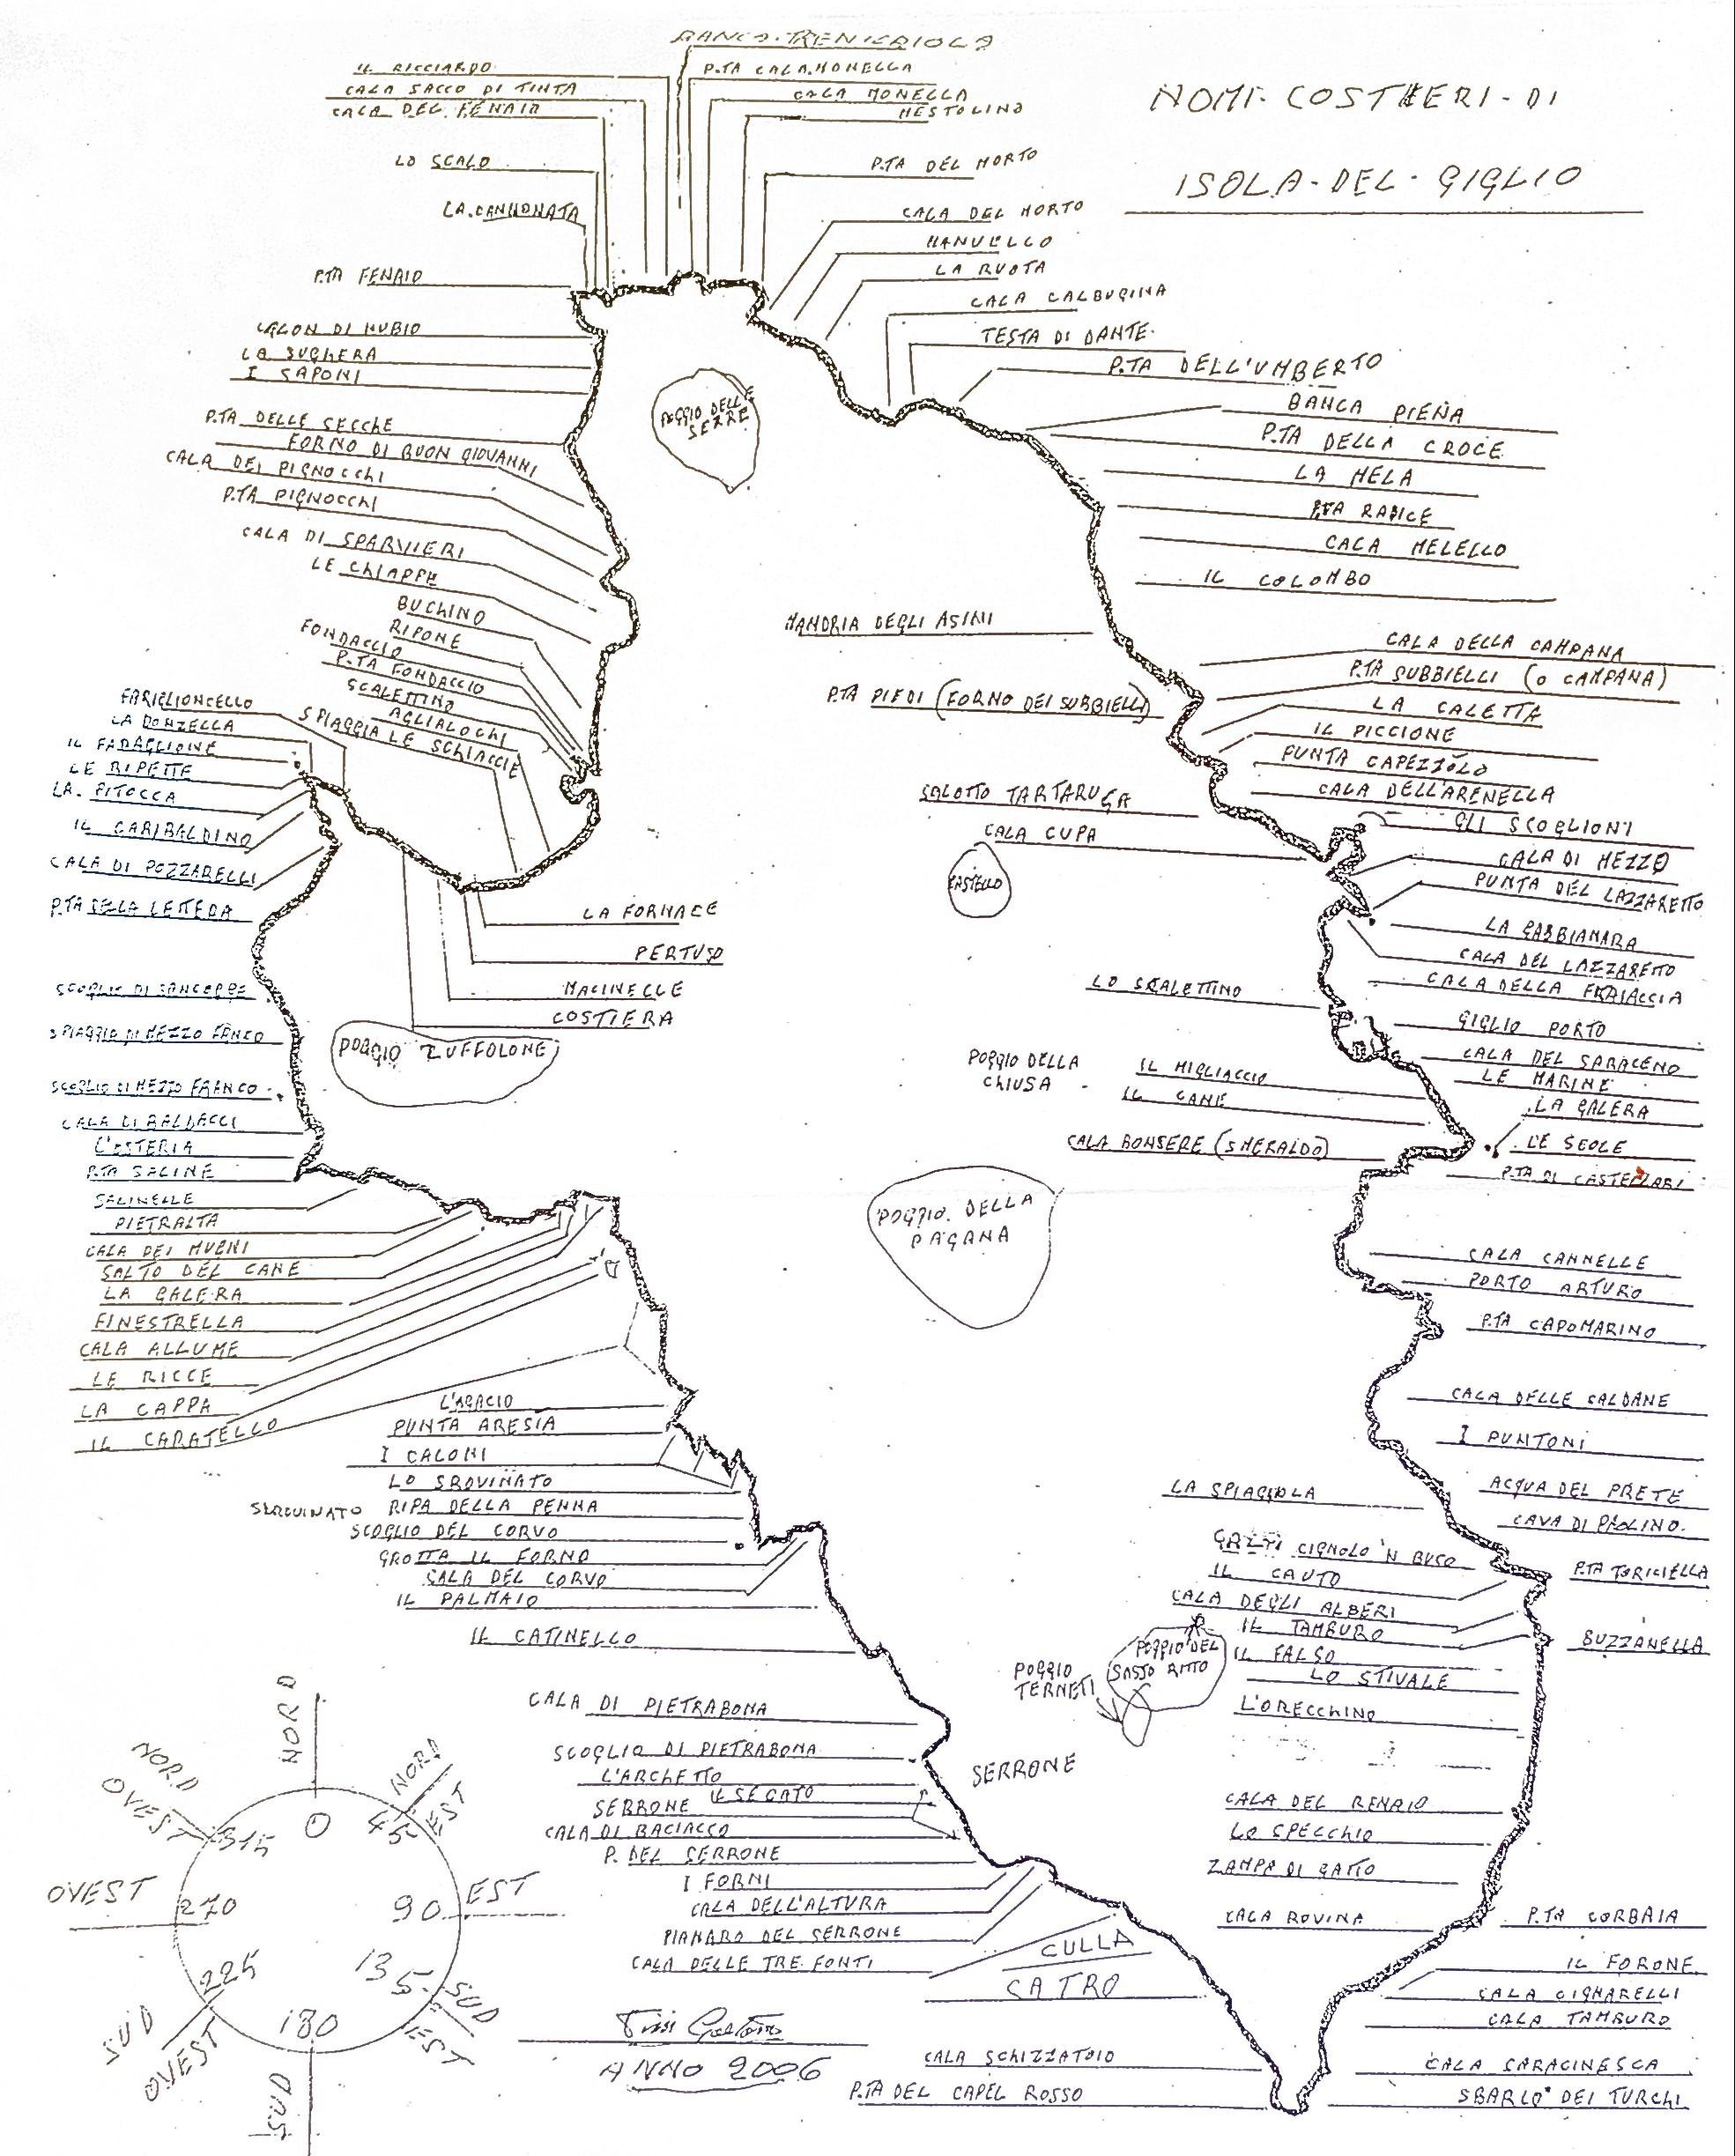 mappa dell'isola del giglio redatta dal pescatore professionista Gaetano Pini